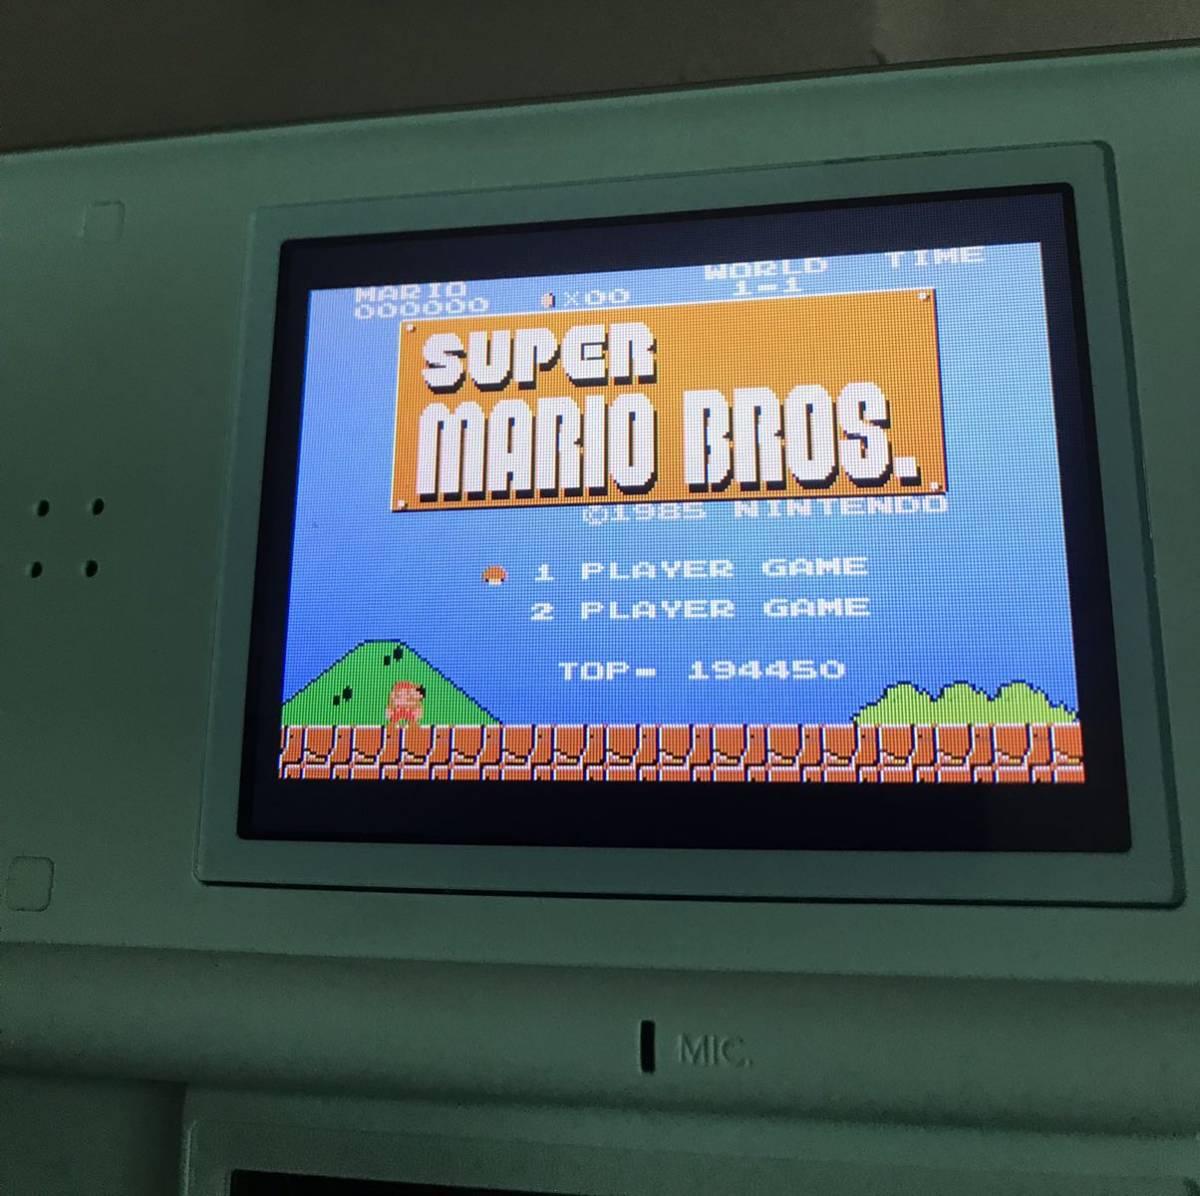 【動作確認済み】GBA スーパーマリオブラザーズ ゲームボーイアドバンス